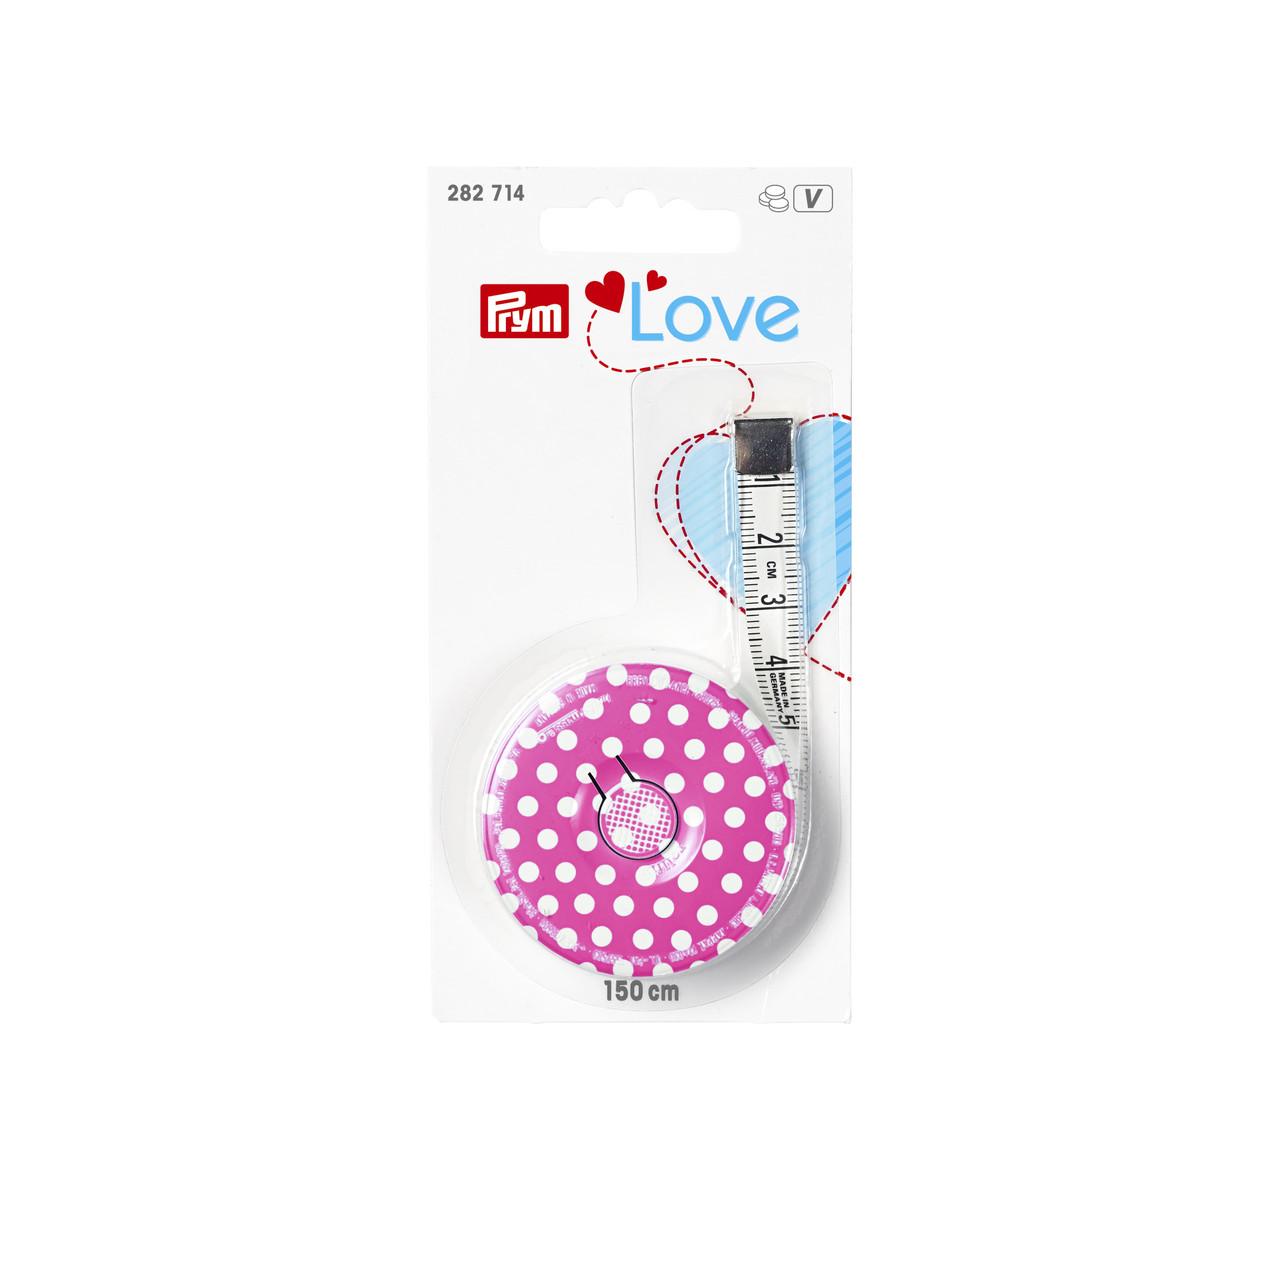 Рулетка с сантиметровой шкалой Prym Love 282714, розовая, 150 cм